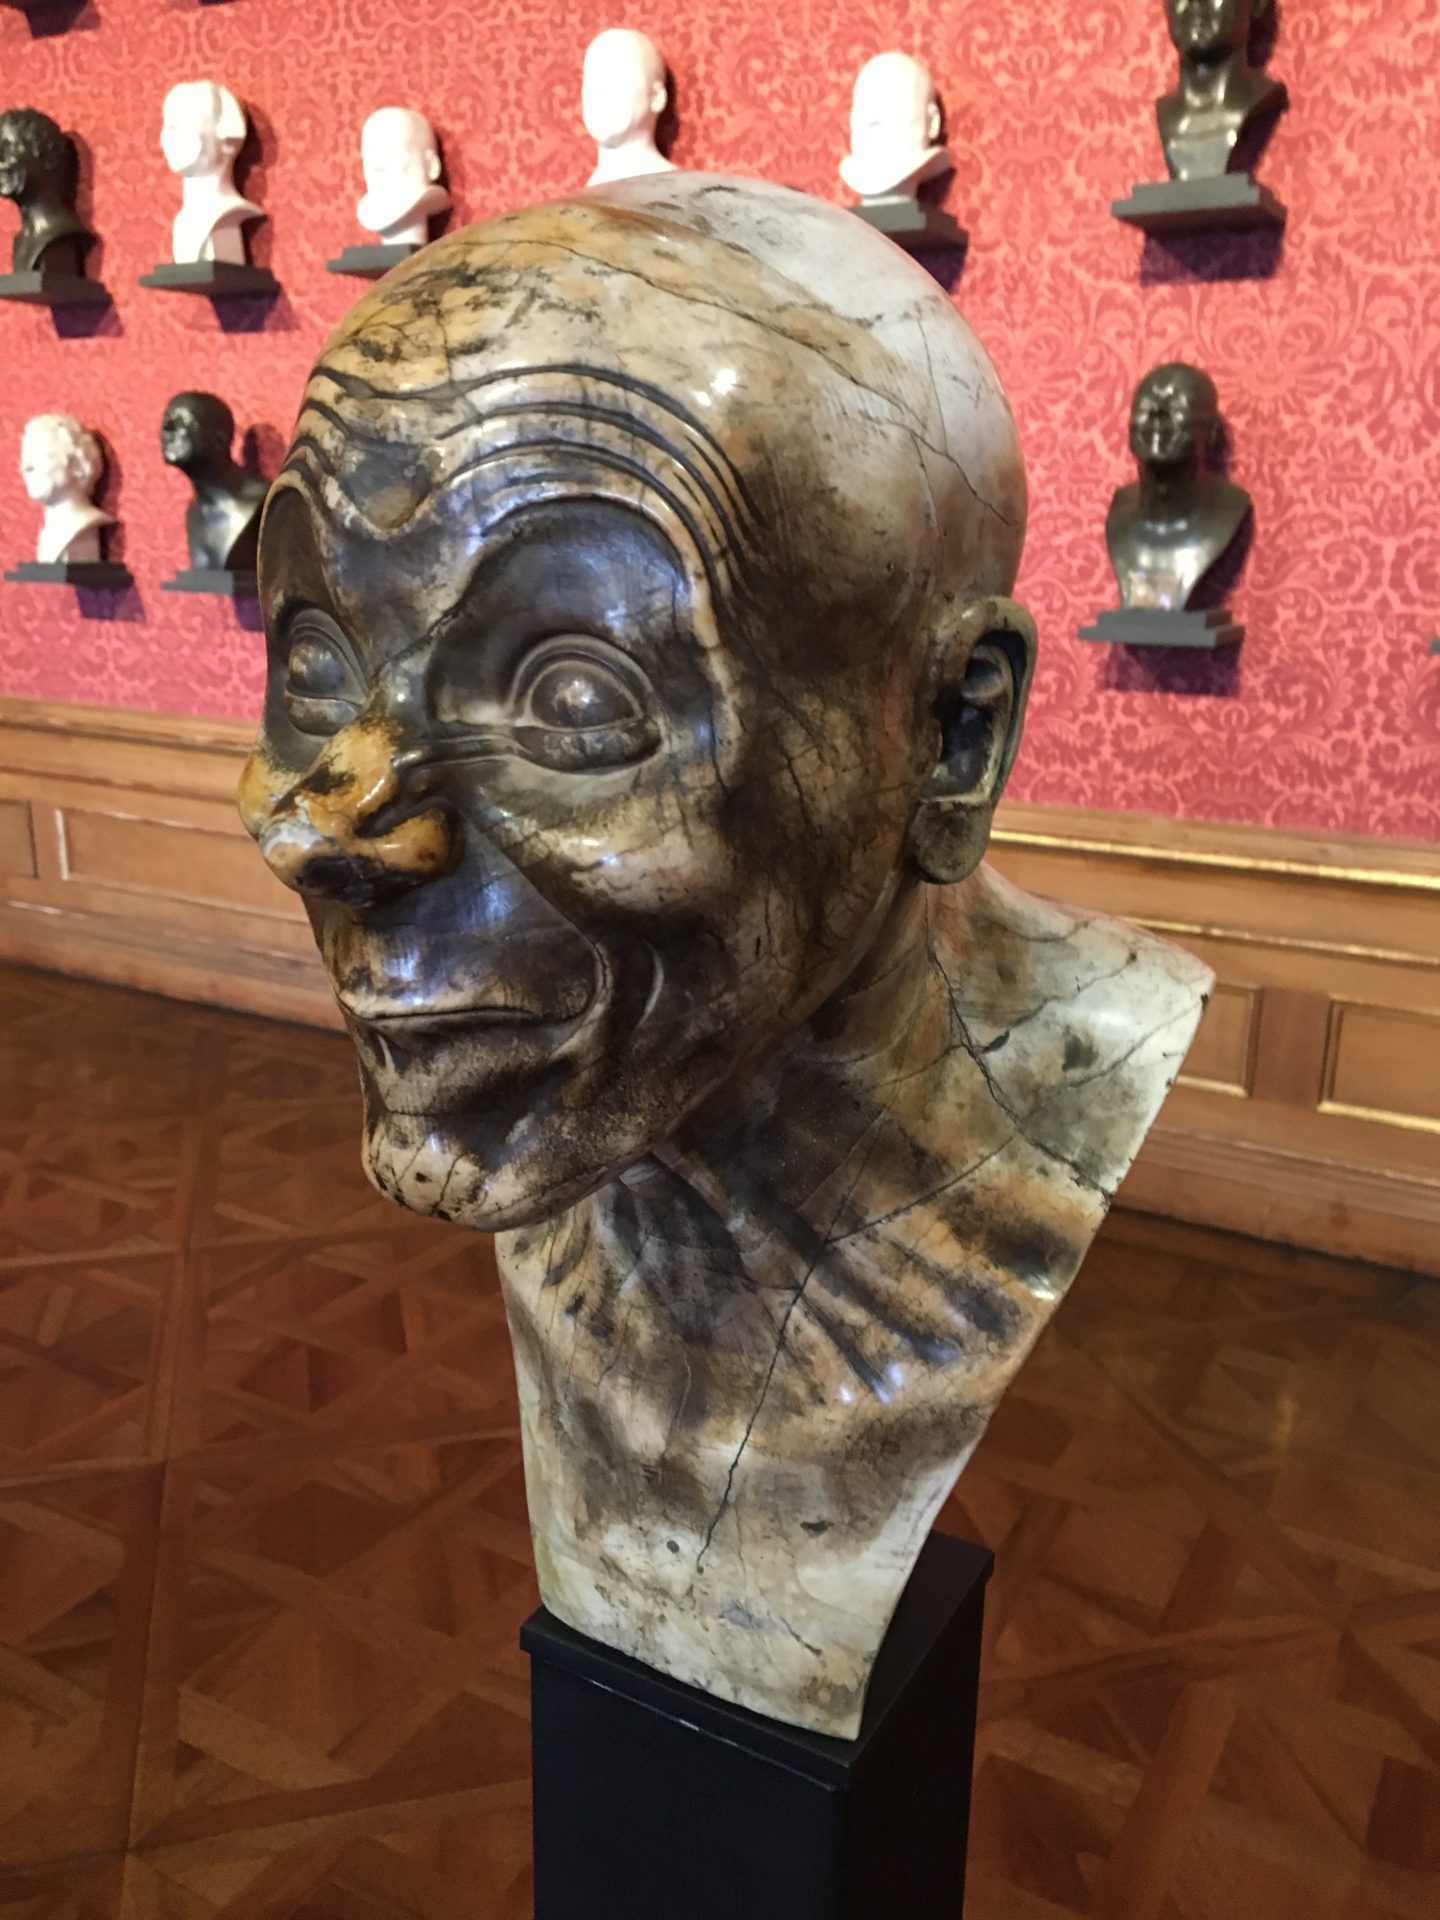 Messerschmidt head, Vienna